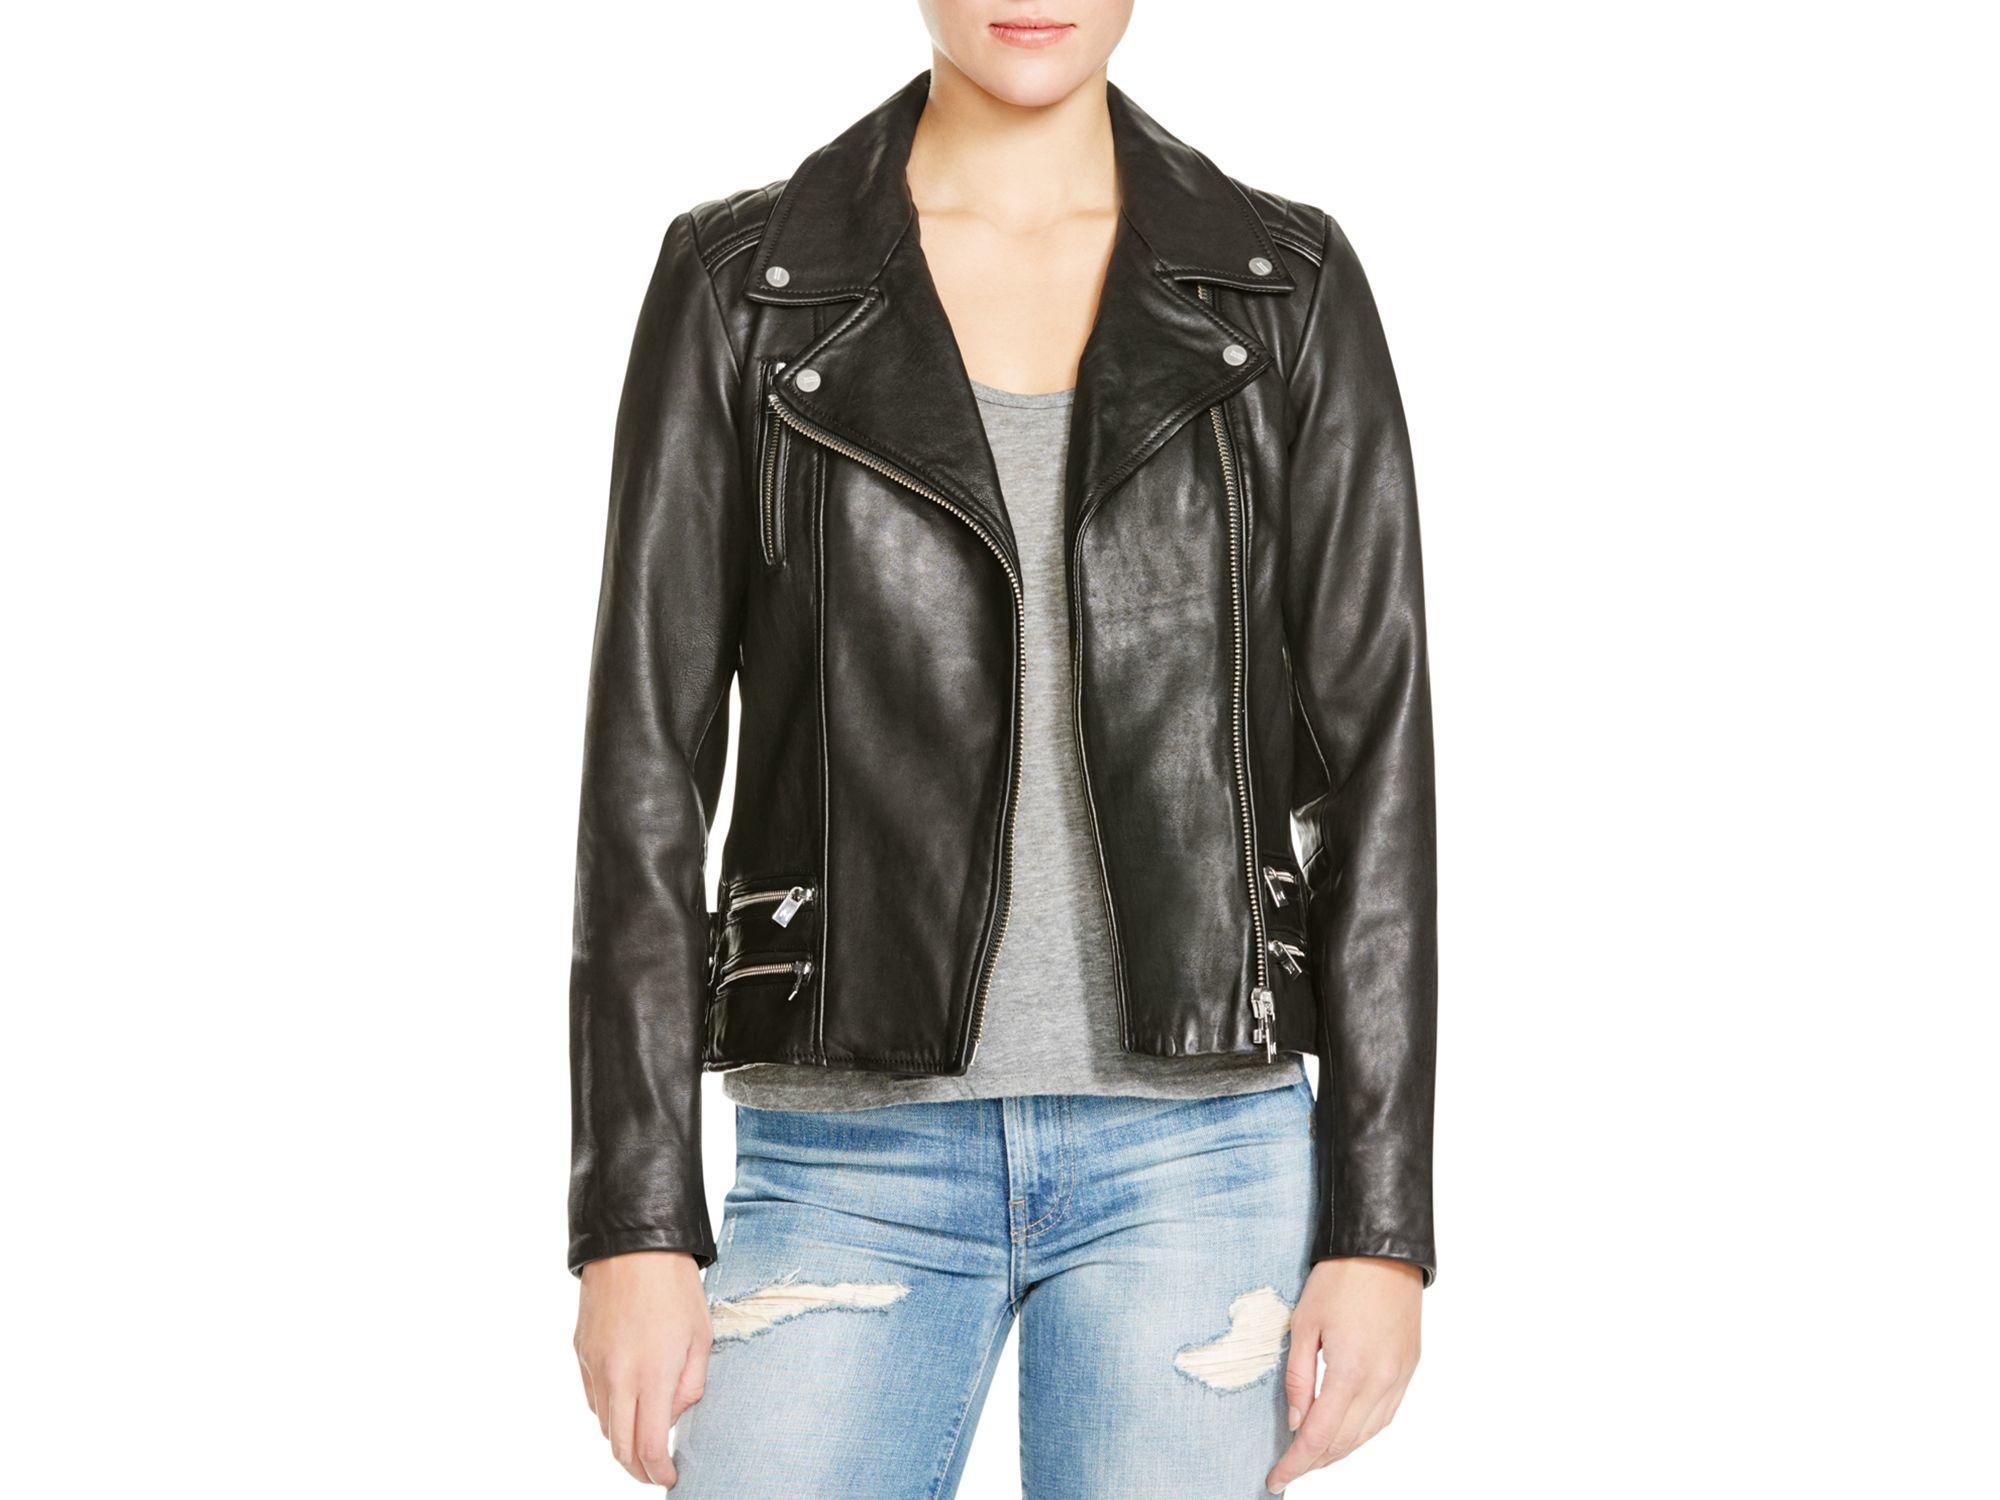 Scotch & soda leather jacket